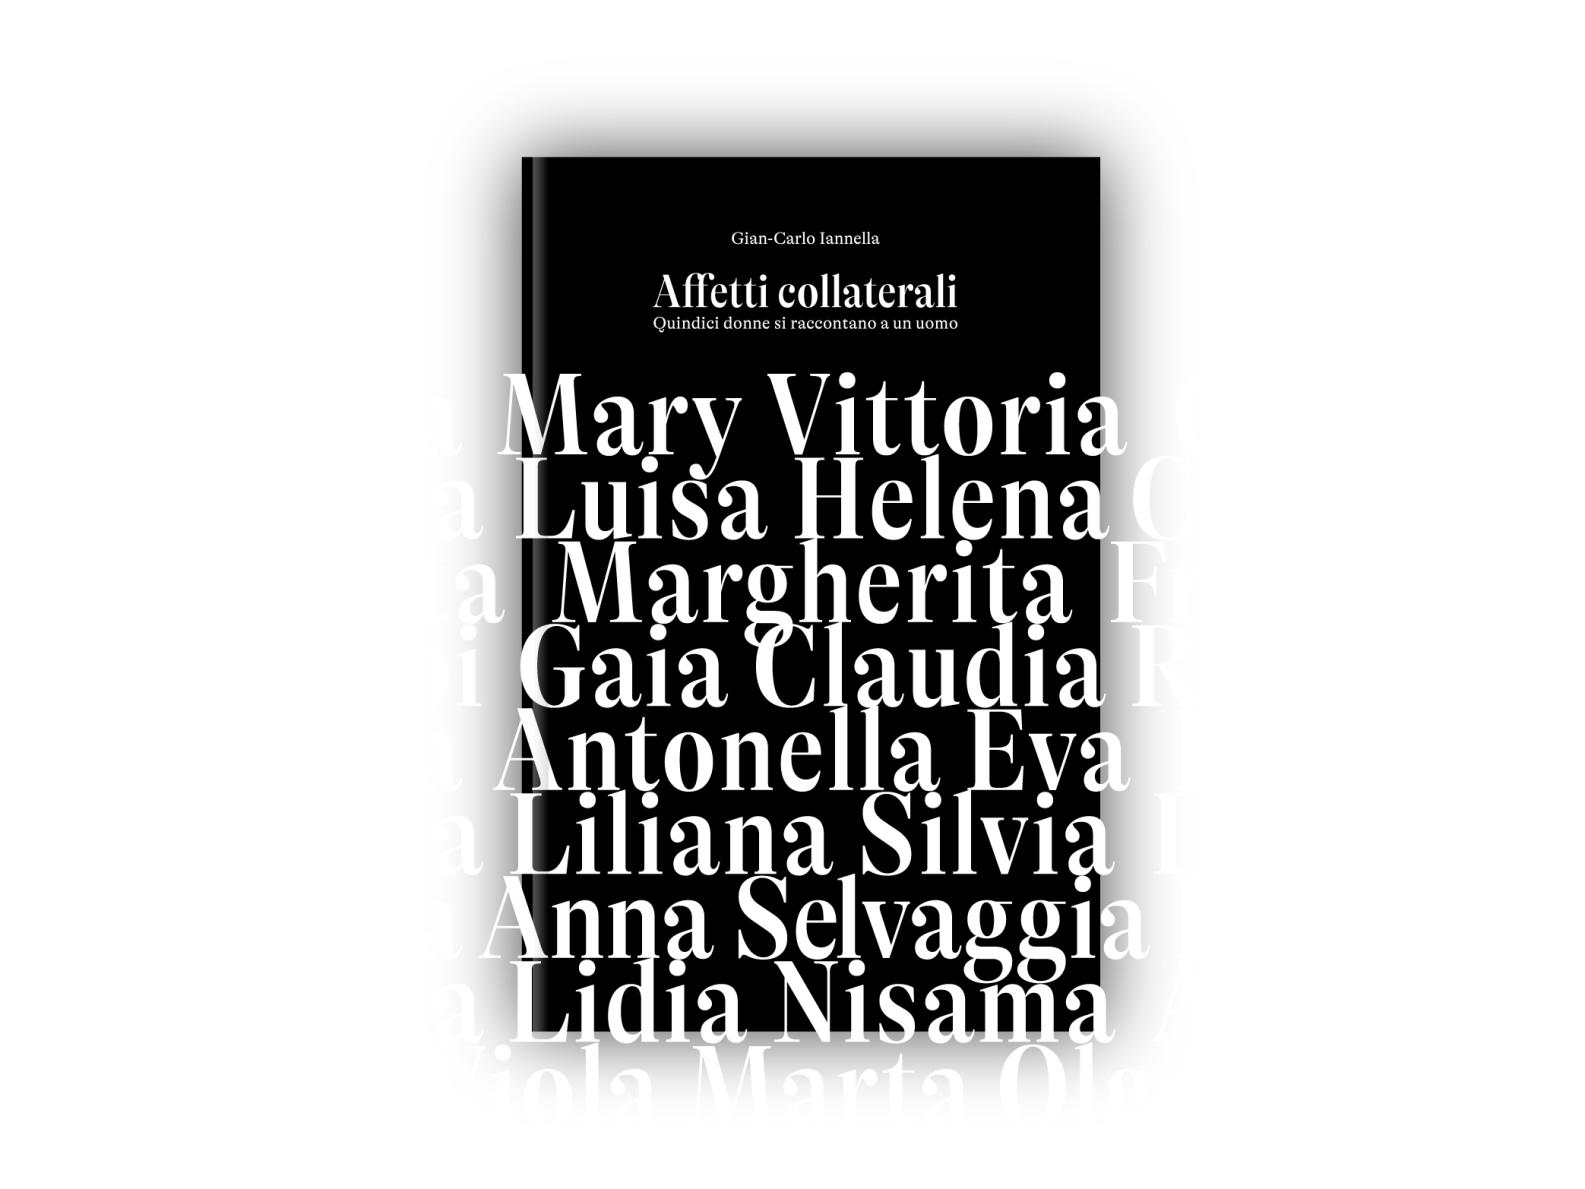 Affetti Collaterali. Gian-Carlo Iannella / Book and cover design